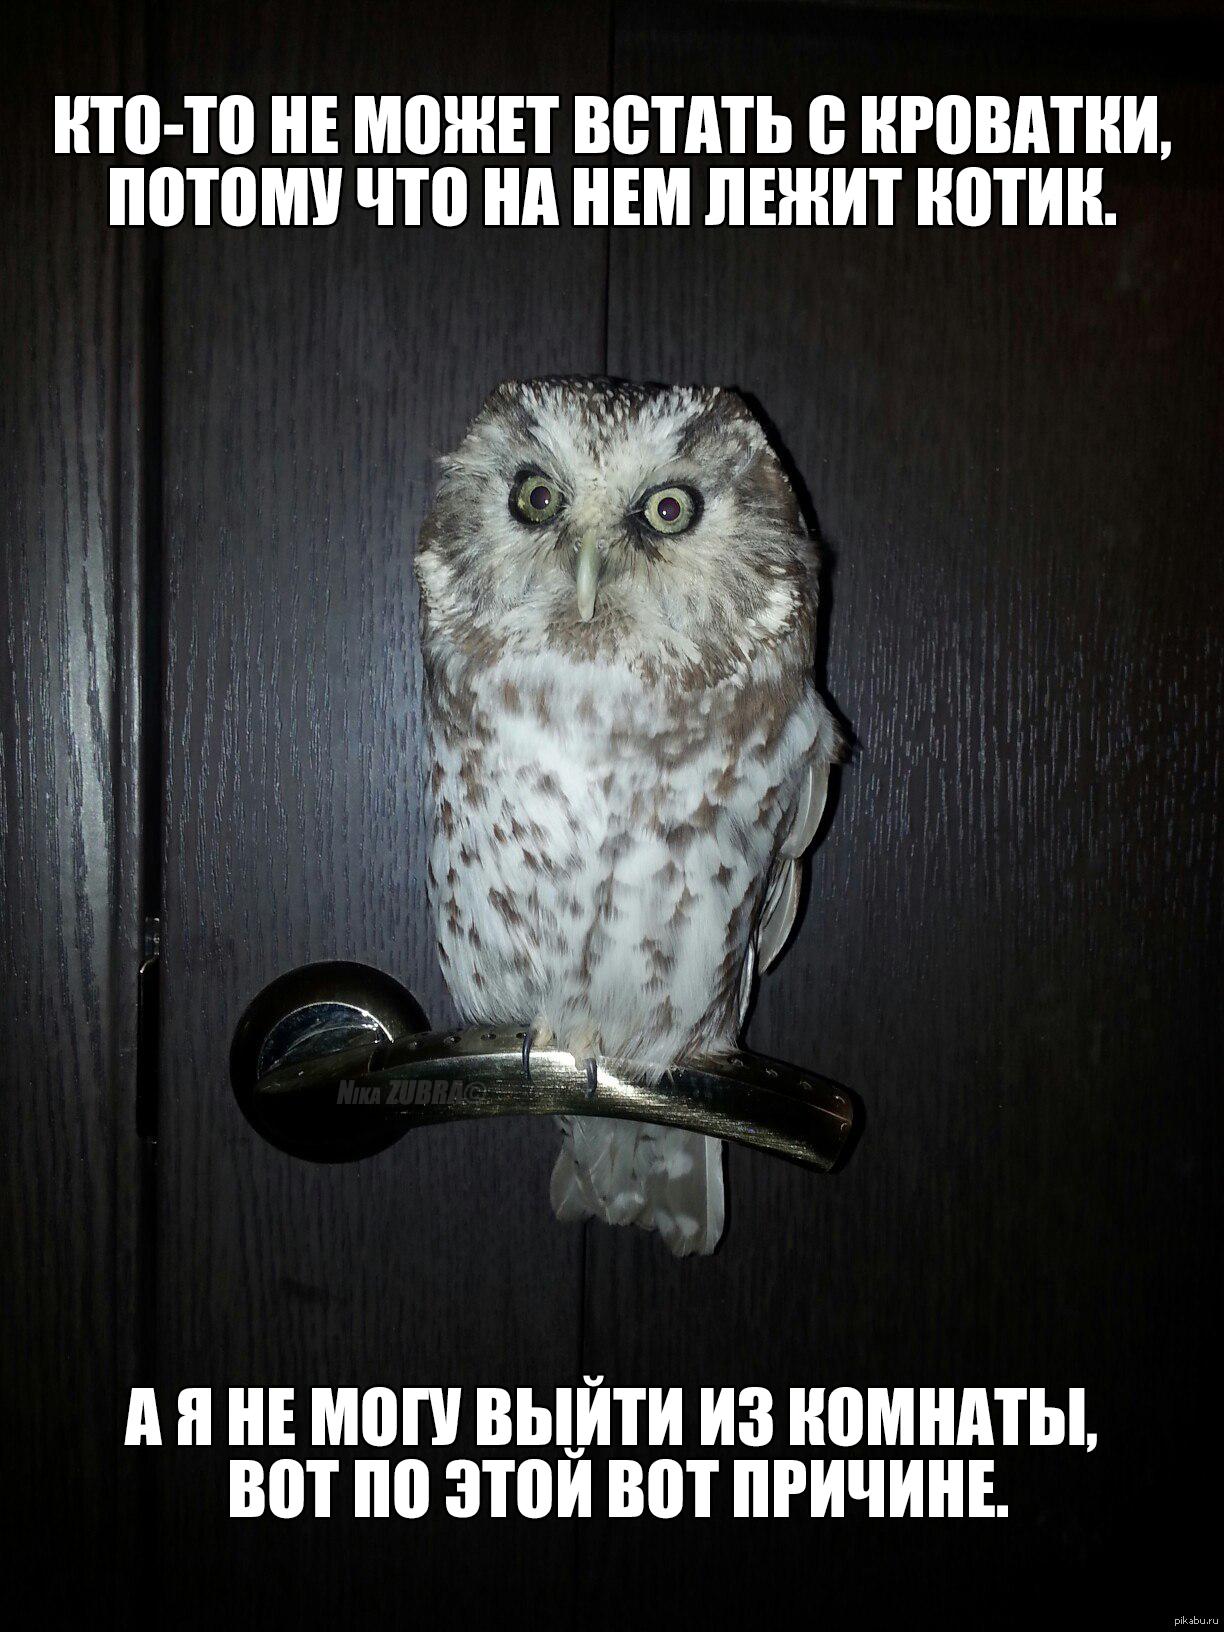 Мемами, картинка сова с надписью